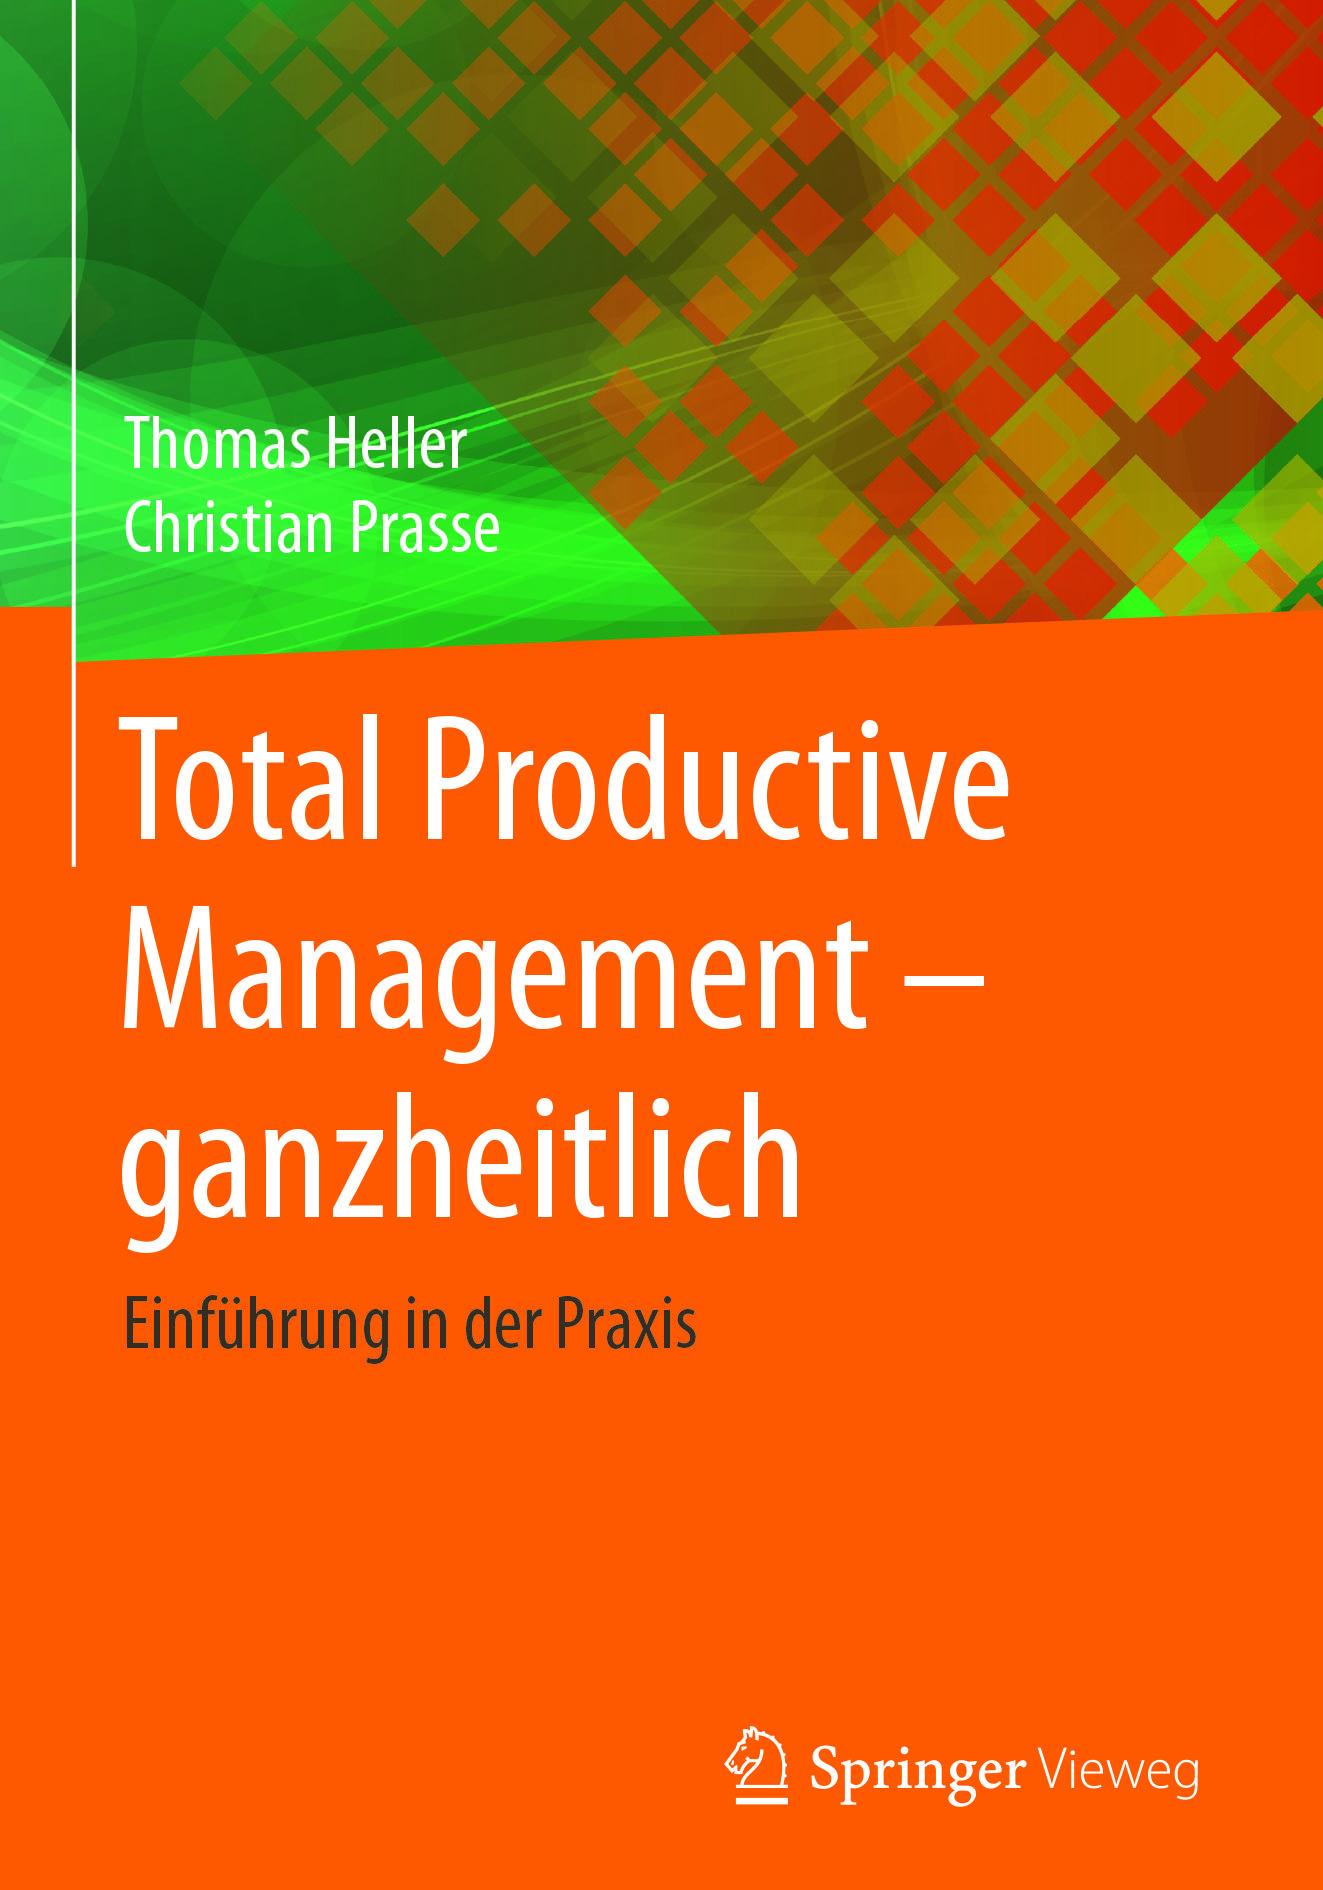 Heller, Thomas - Total Productive Management - ganzheitlich, ebook